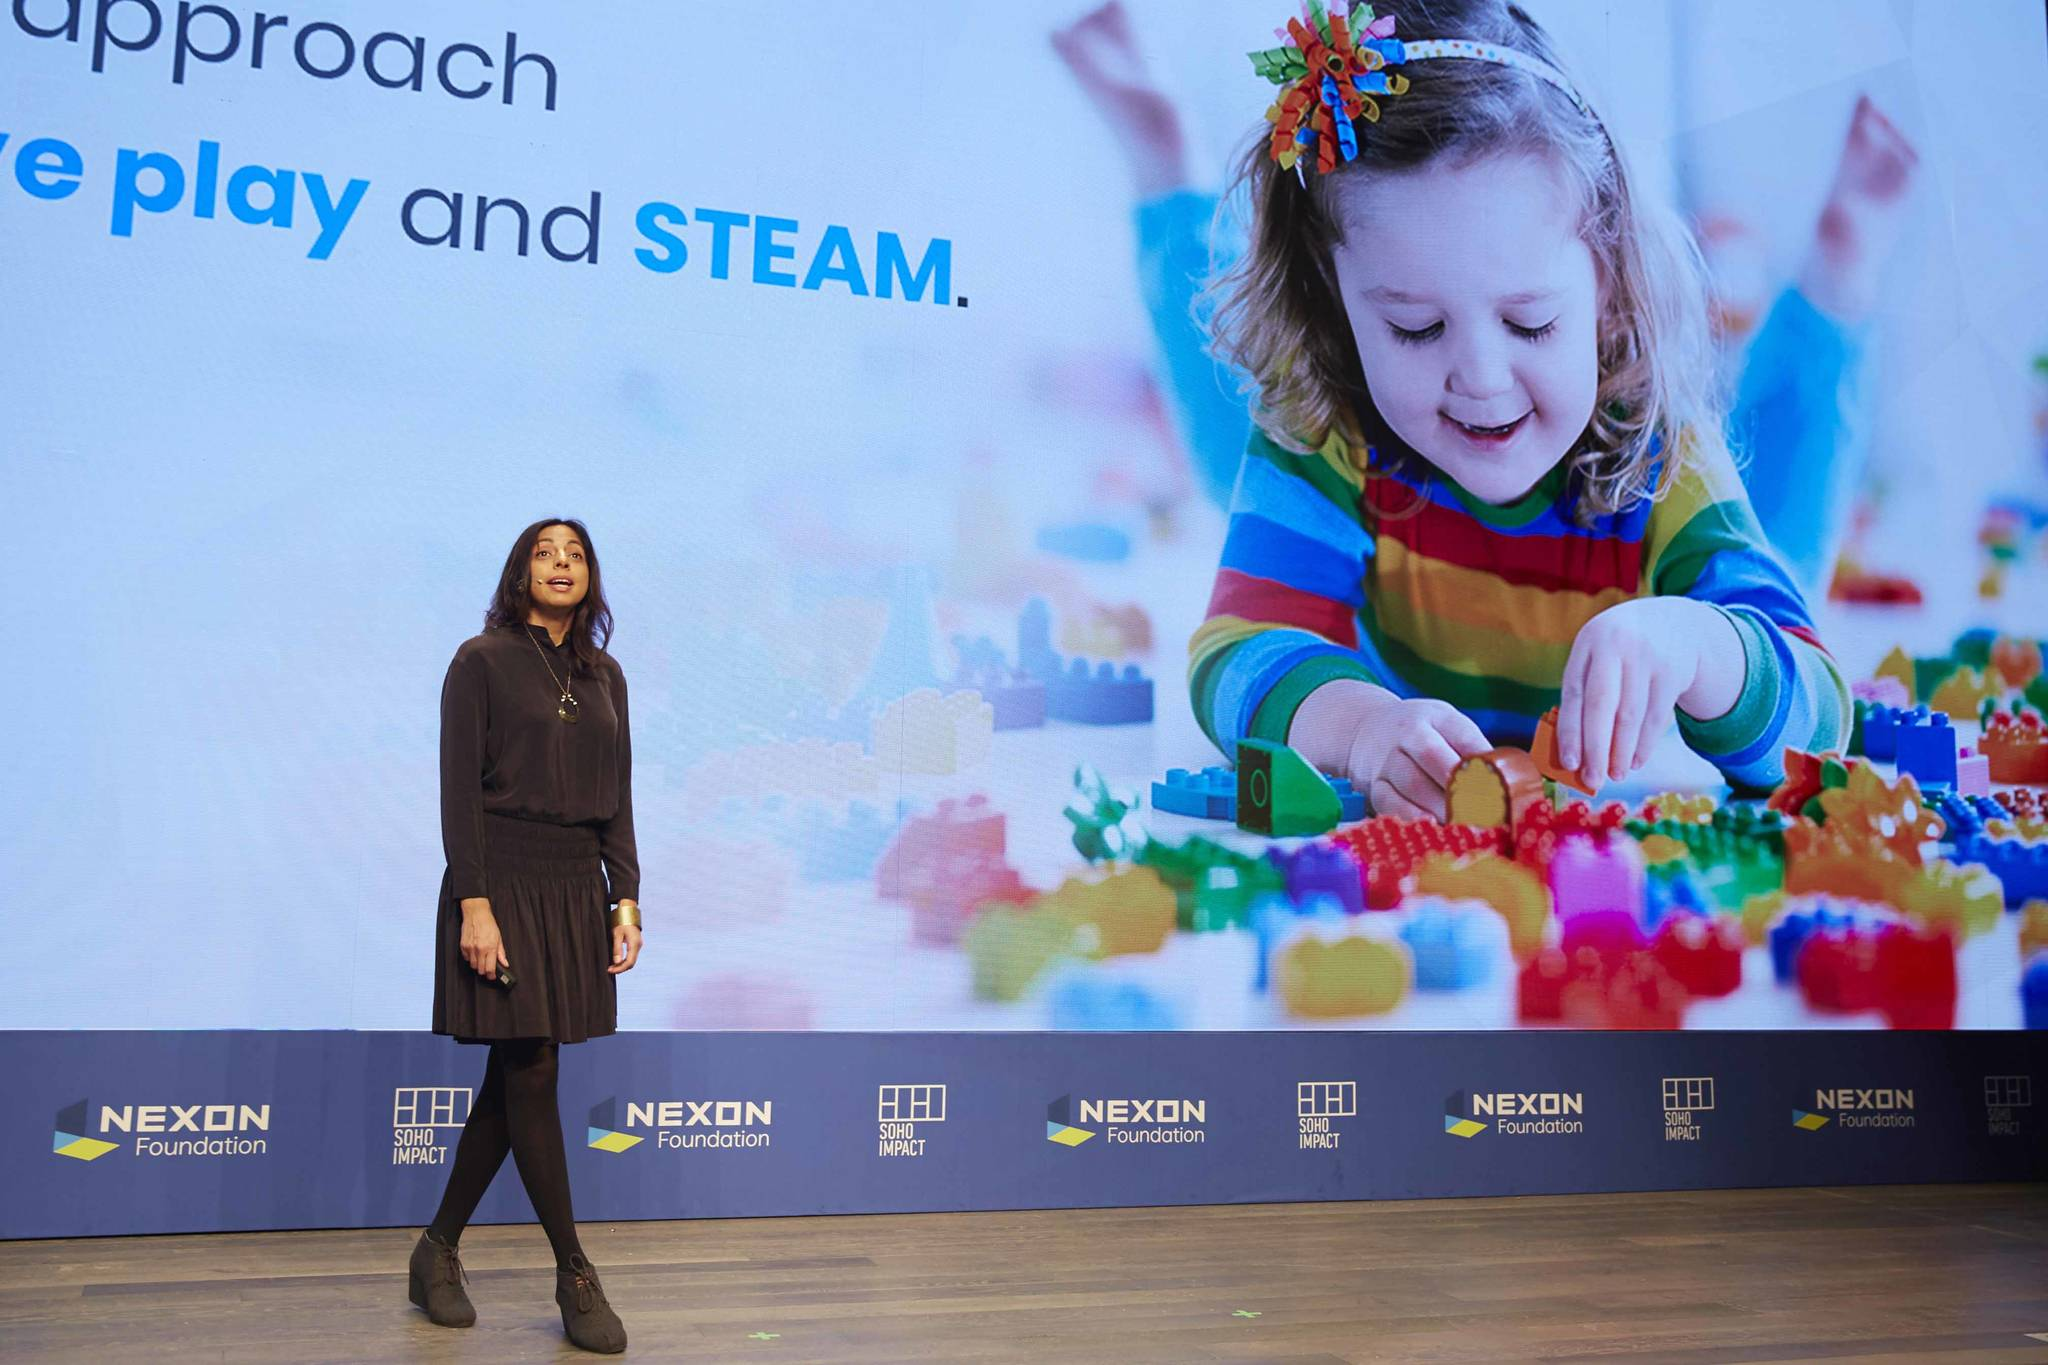 27일 소호임팩트 재단의 프리야 베라 대표가 브릭 기부 활동과 브릭을 통한 창의성 증진에 대해 설명하고 있다. [사진 넥슨코리아]